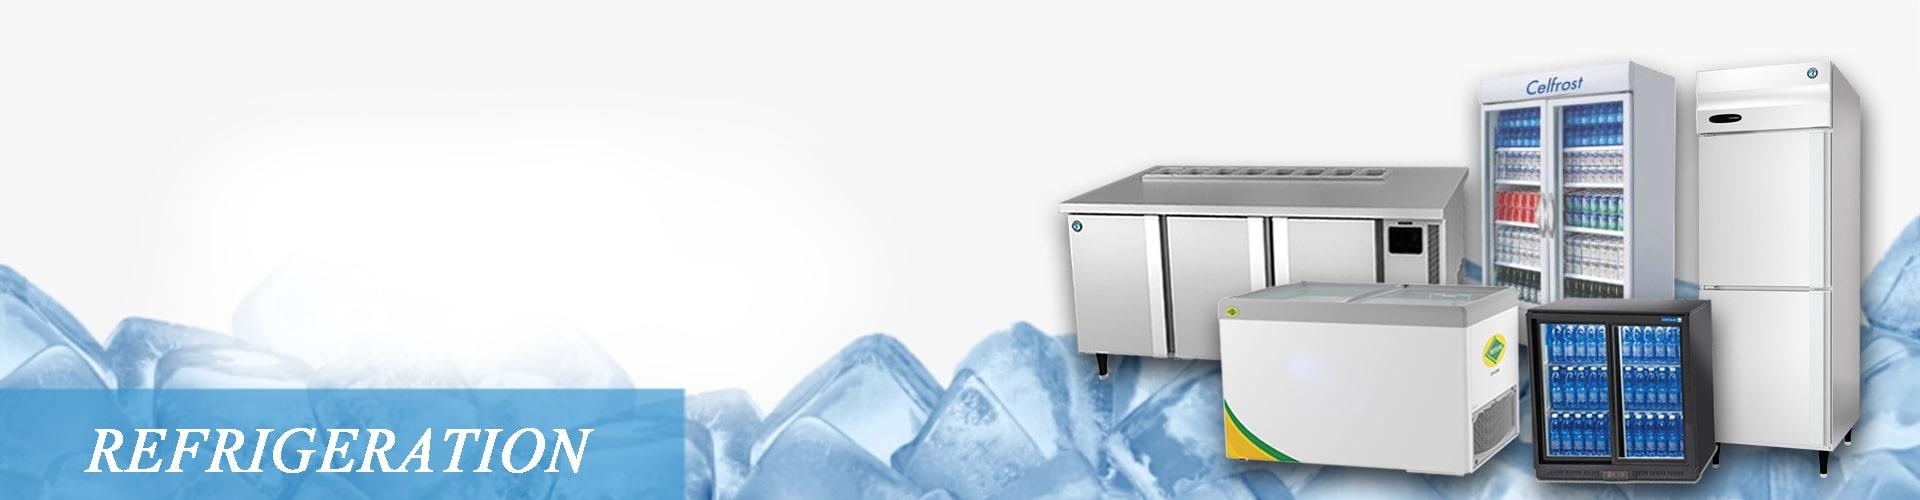 REFrigerator2-min